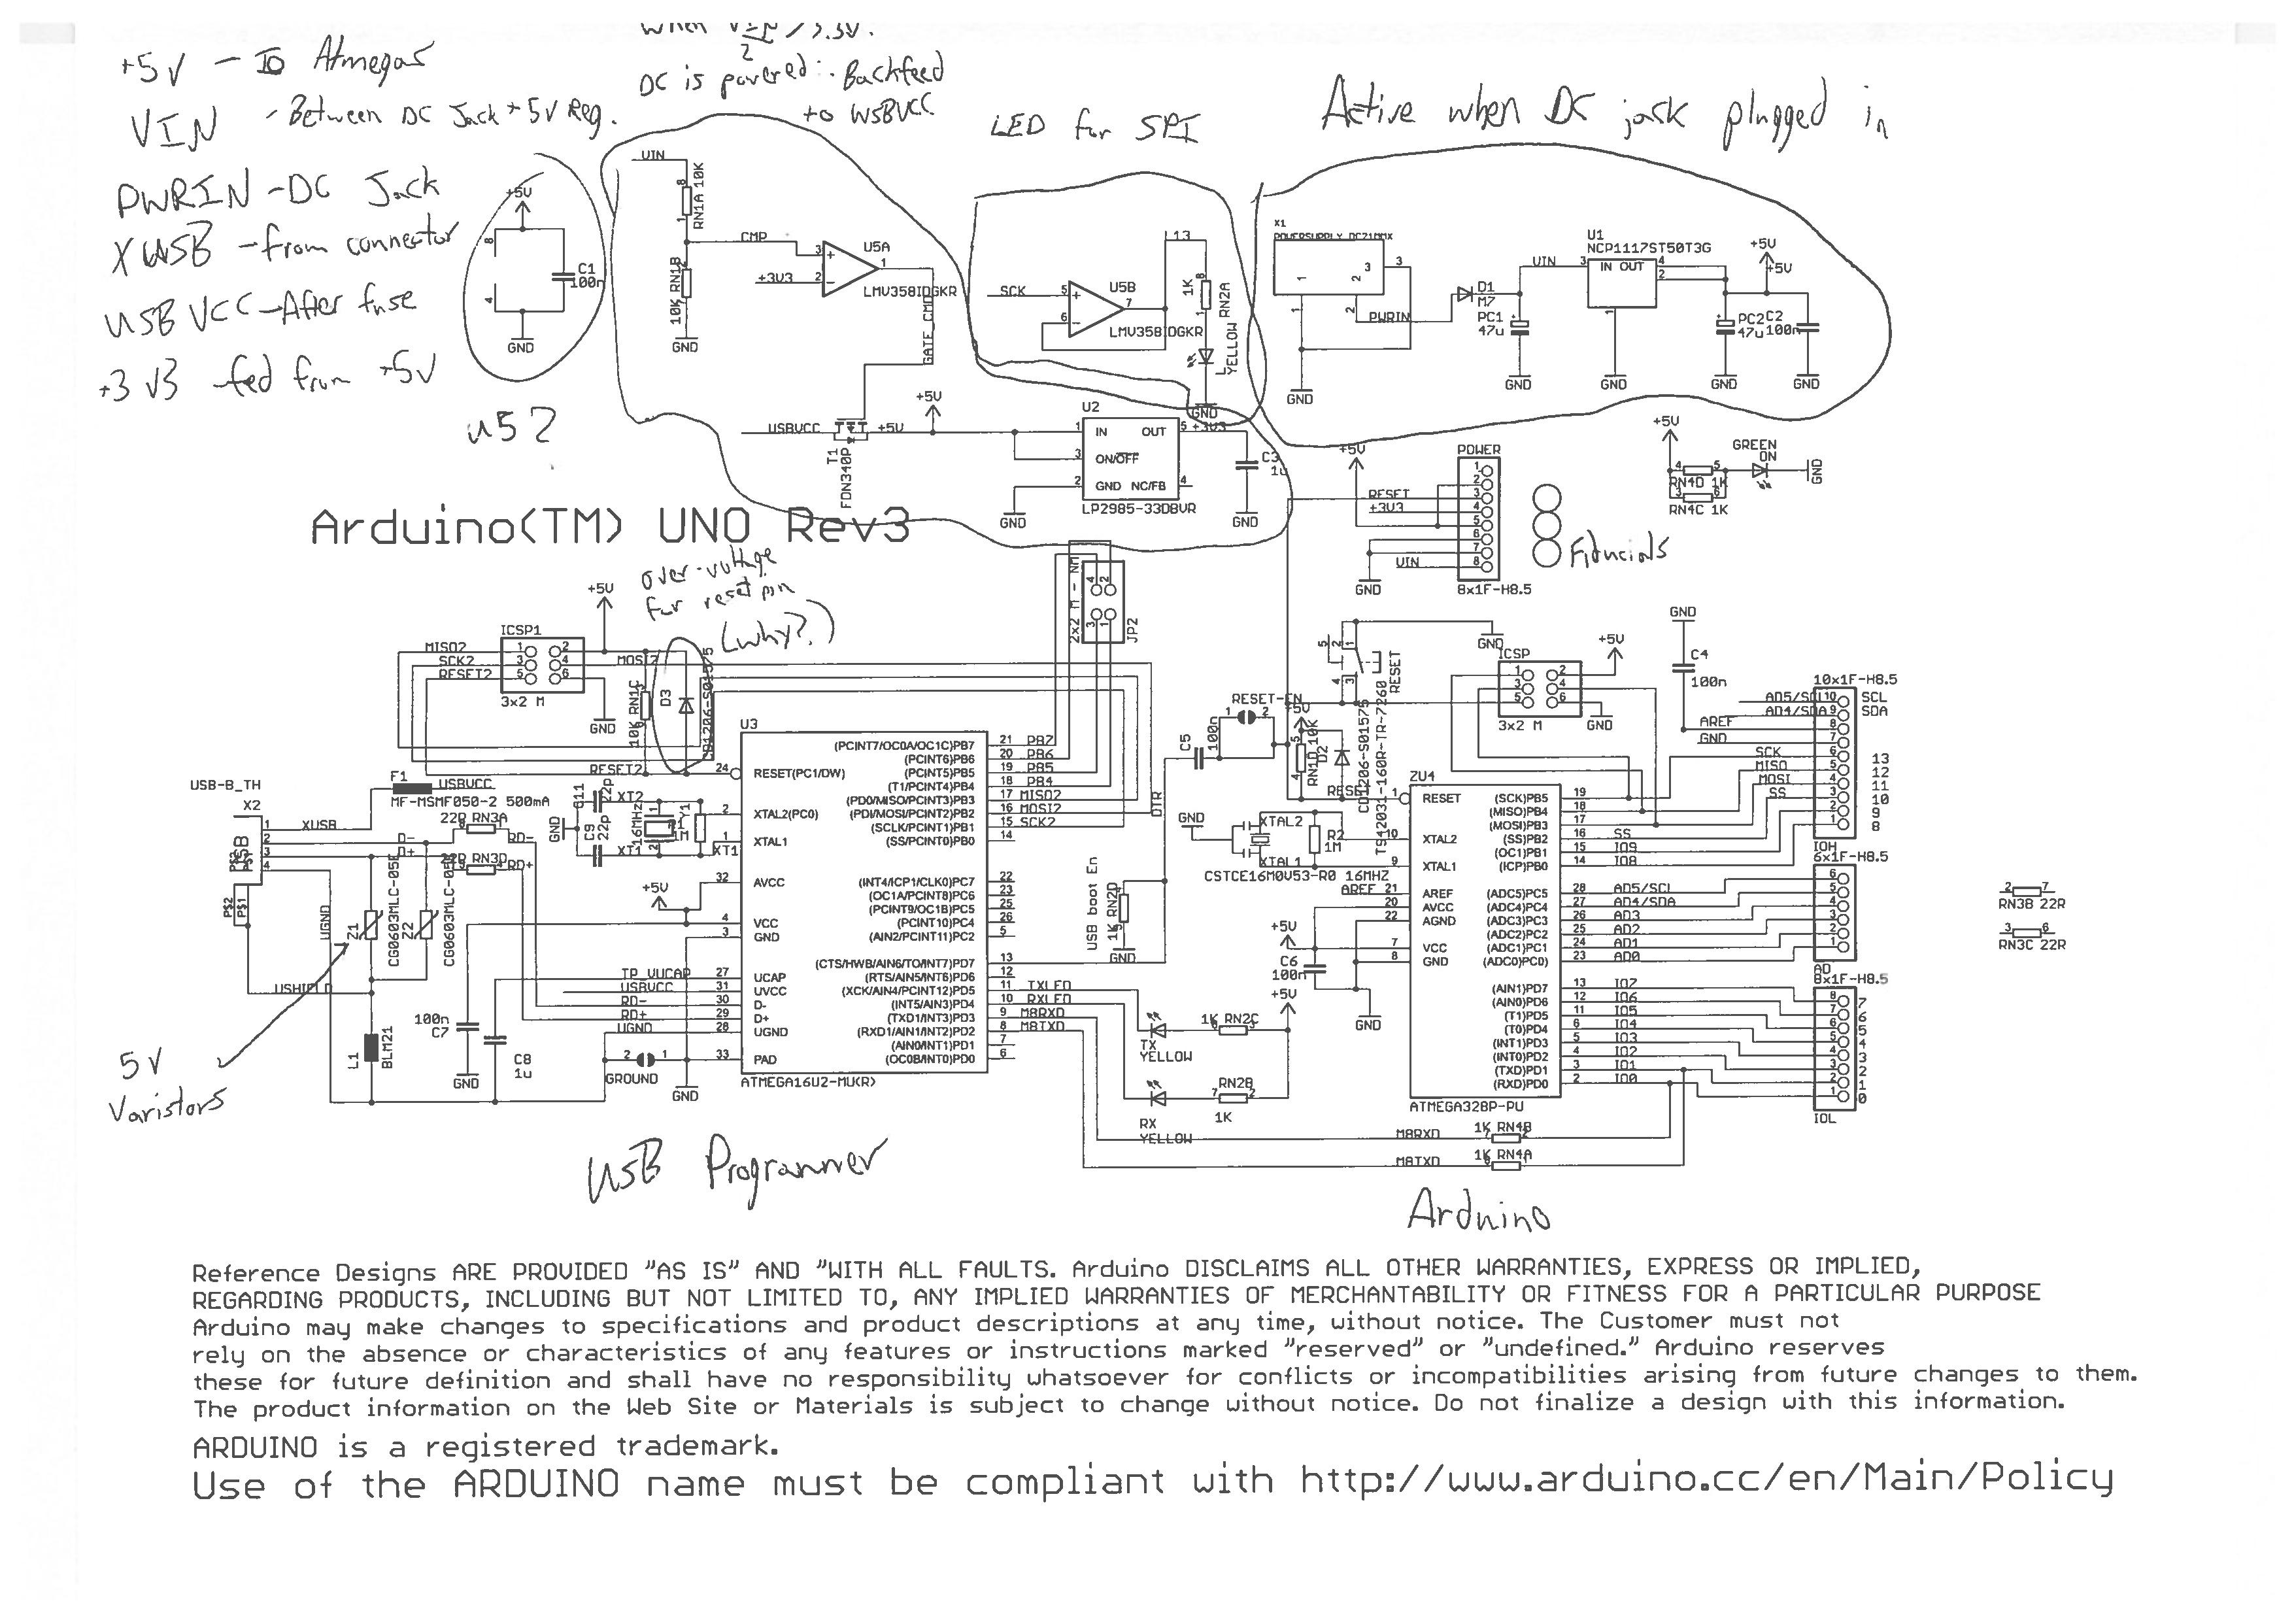 an analysis of the arduino schematics details hackaday io rh hackaday io Simple Schematic Simple Schematic